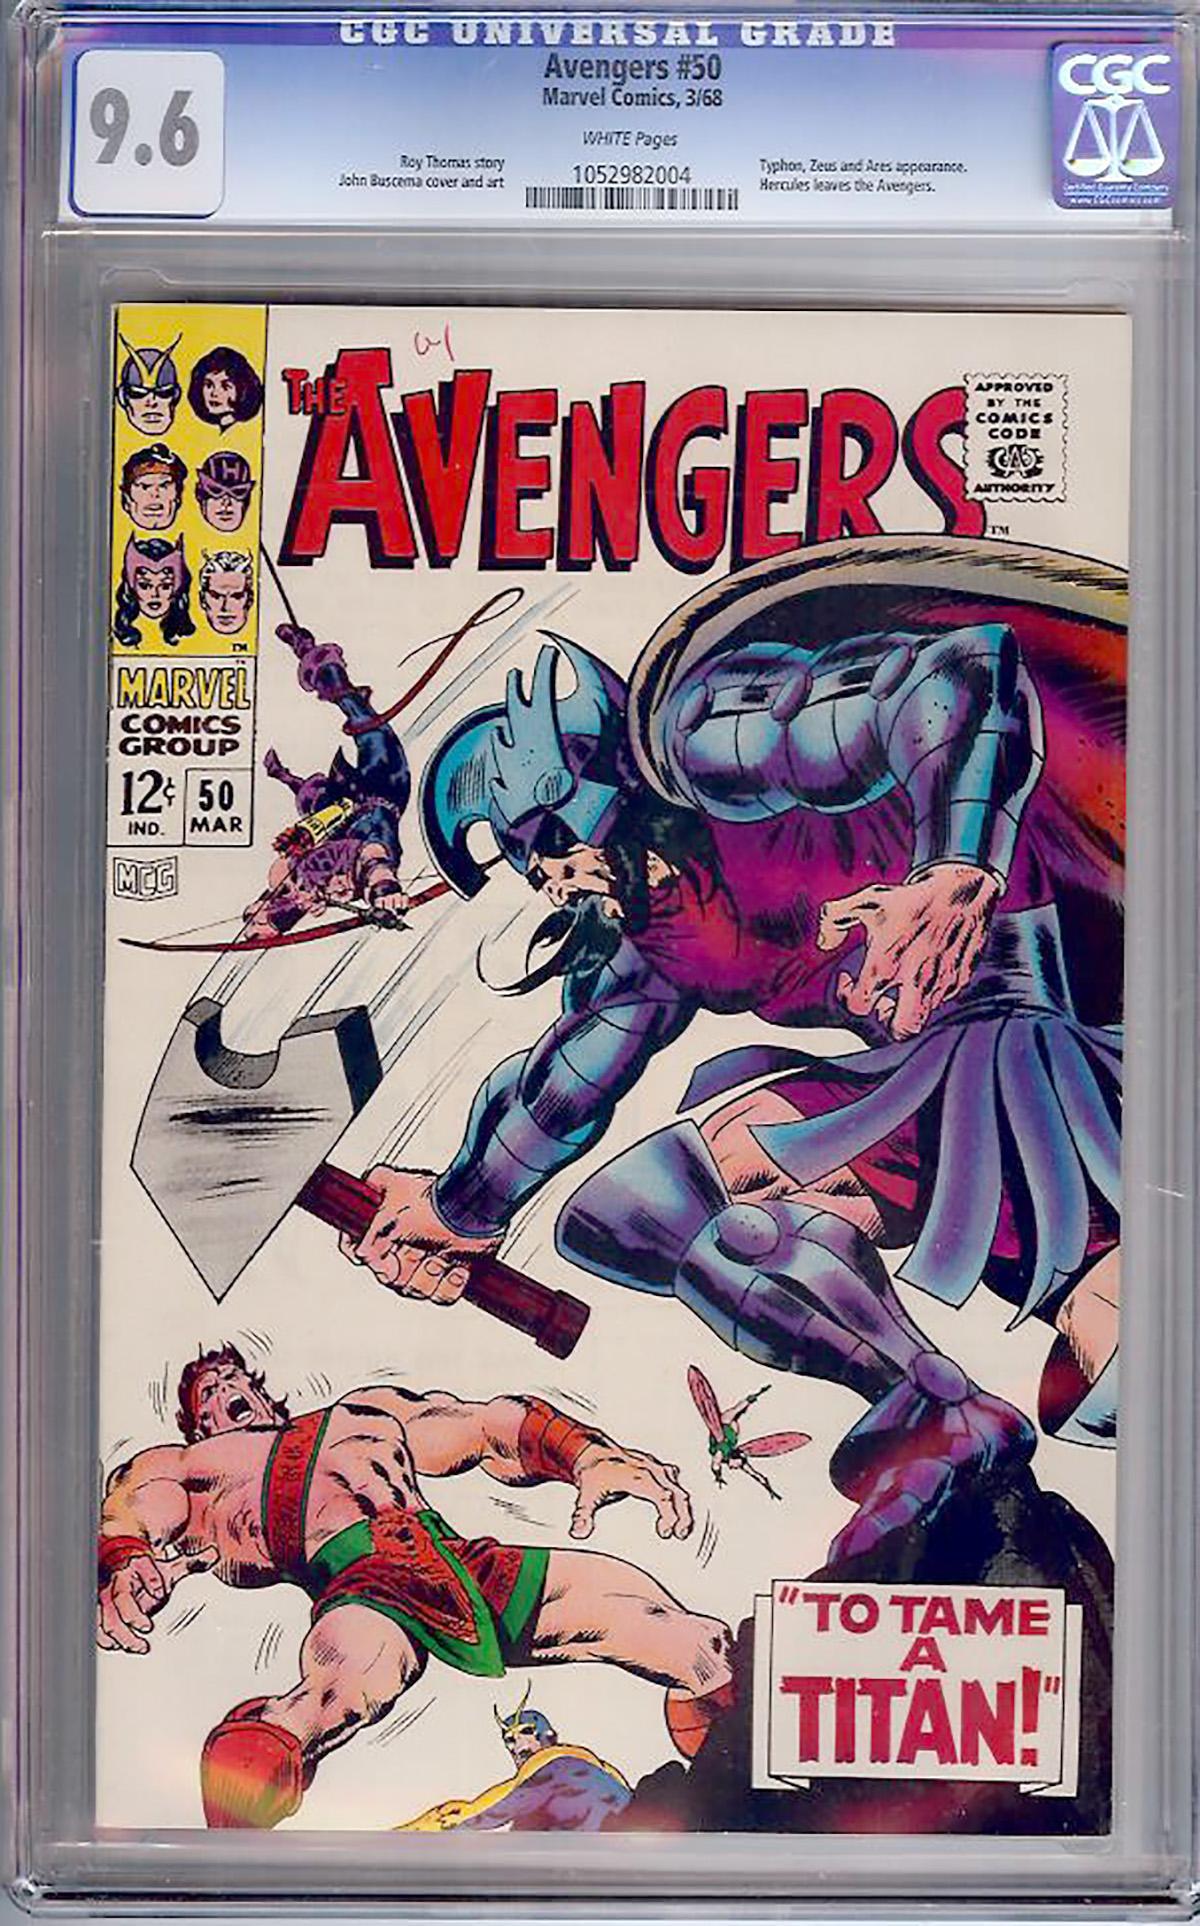 Avengers #50 CGC 9.6 w